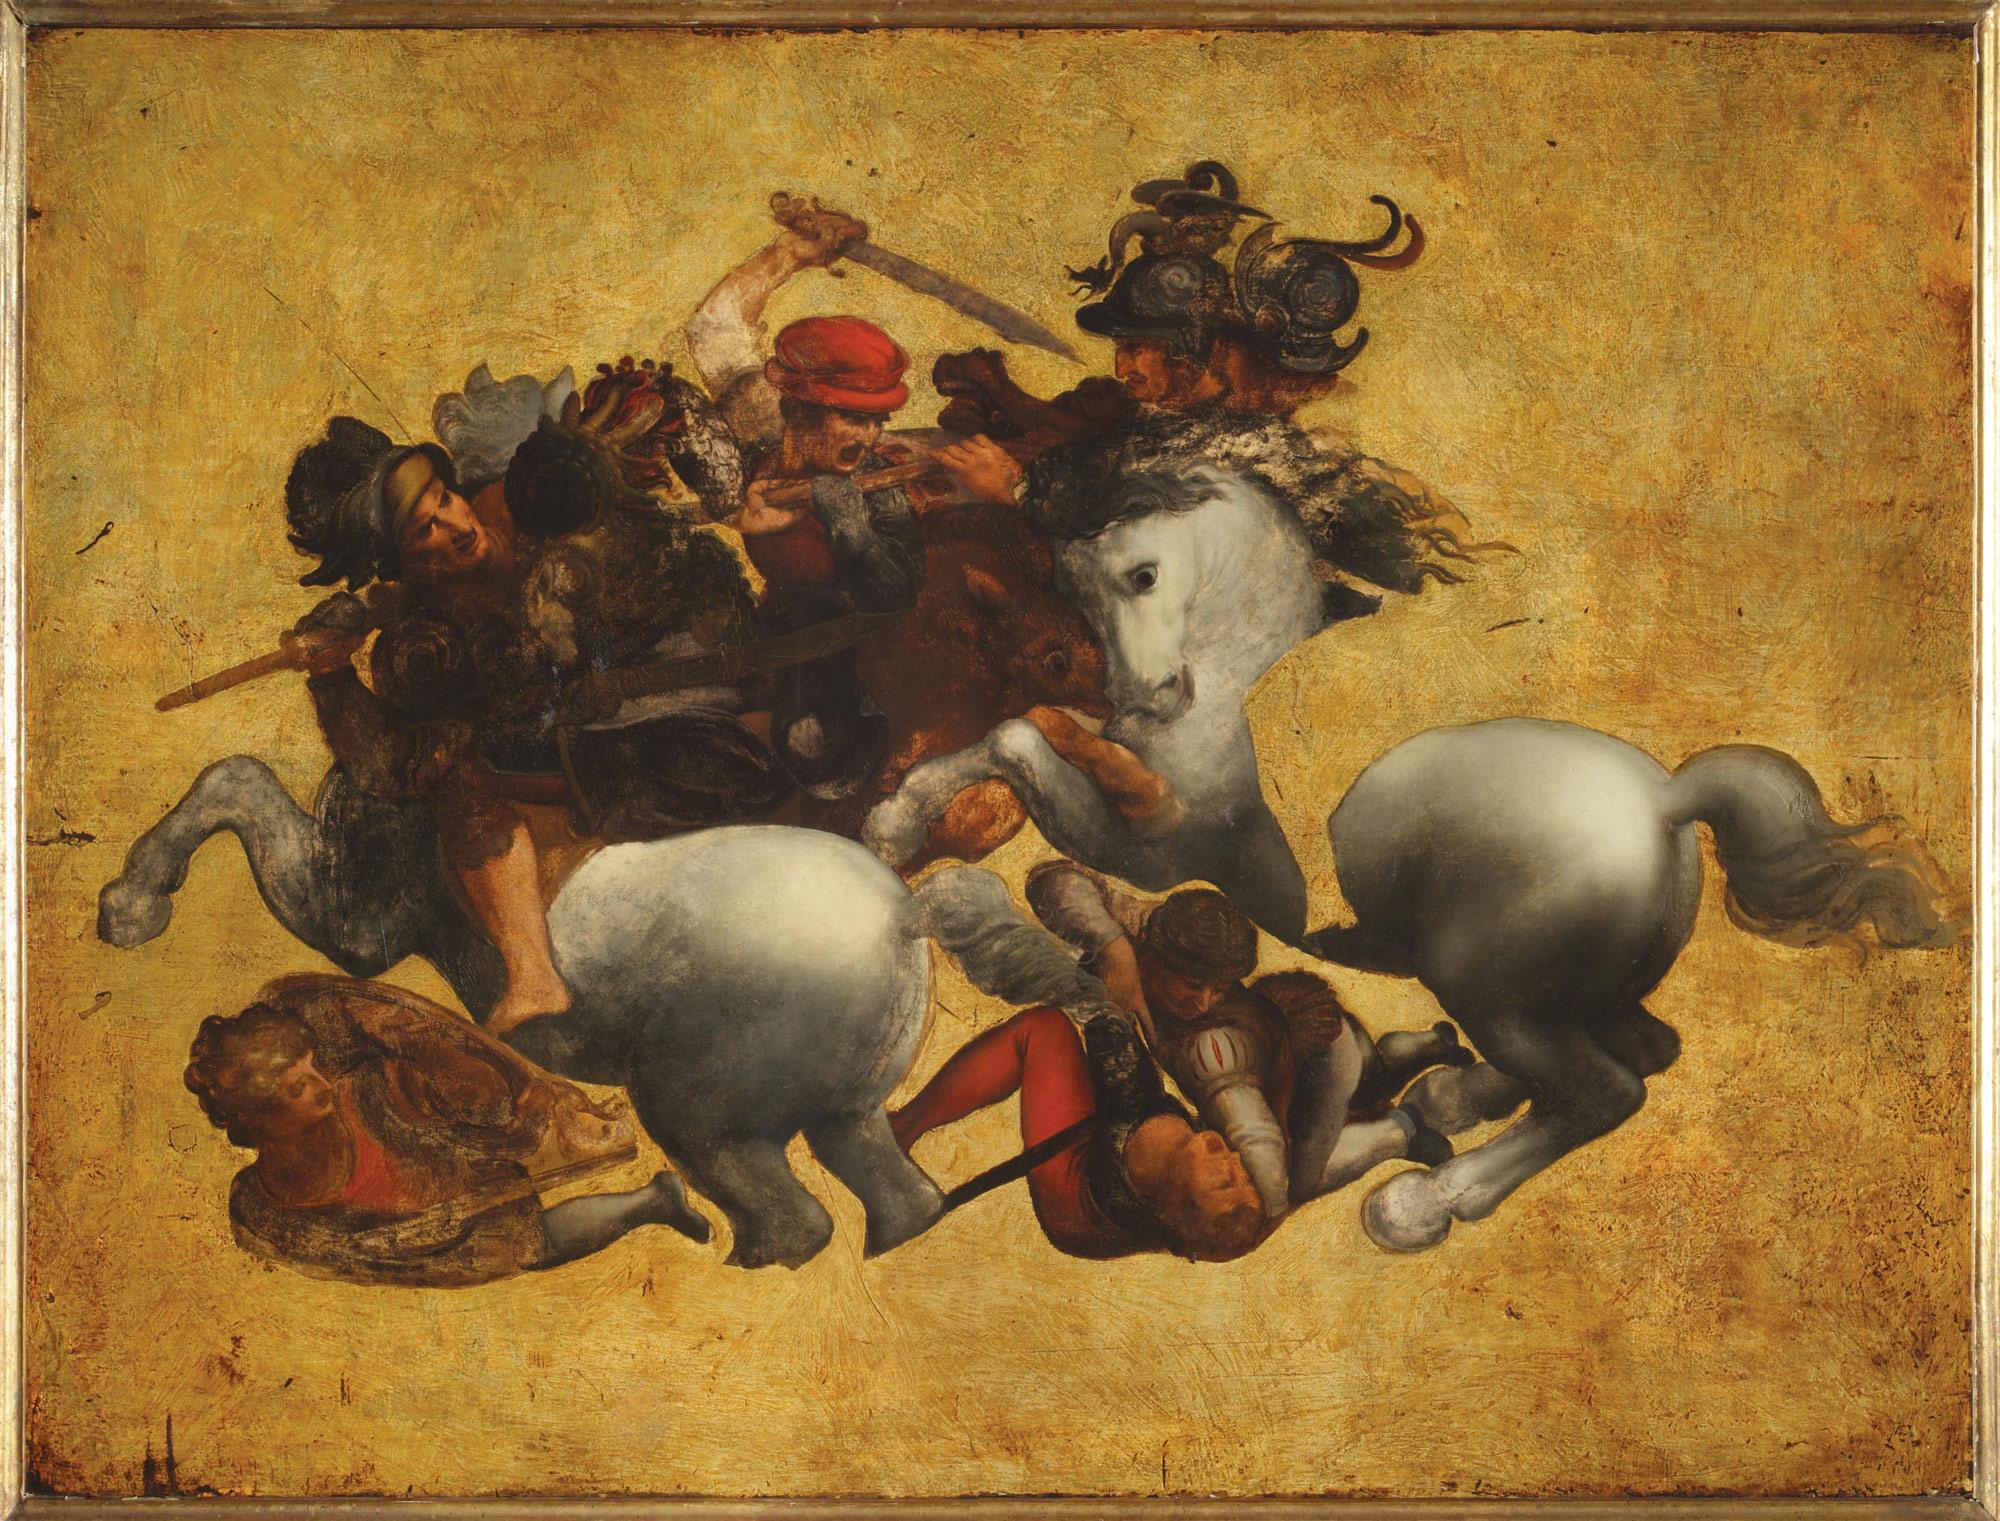 Francesco Morandini detto il Poppi (?), Tavola Doria (1563?; olio su tavola, 86 x 115 cm; Firenze, Gallerie degli Uffizi)